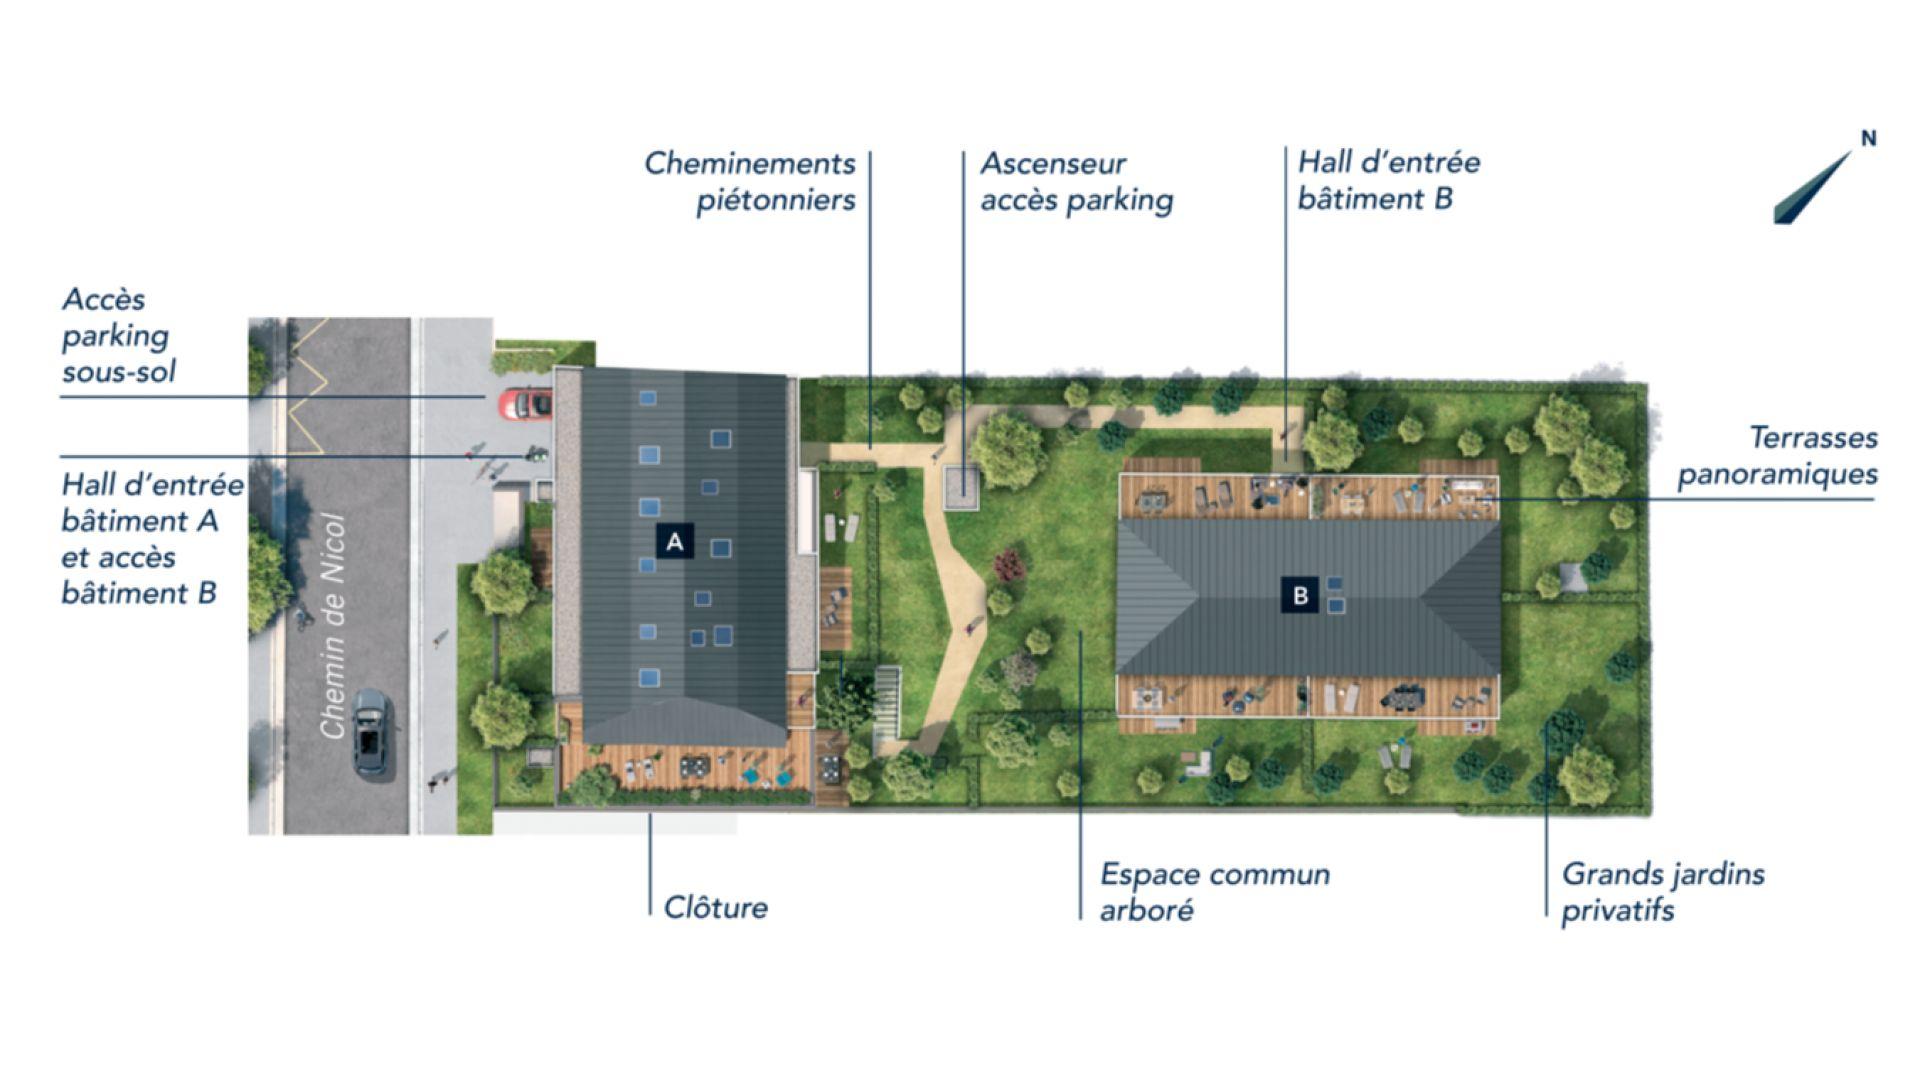 Greencity Immobilier - Résidence Les Camélias - Toulouse Croix Daurade 31200 - à vendre appartements - immobilier neuf du T2 au T4 Duplex - plan de masse